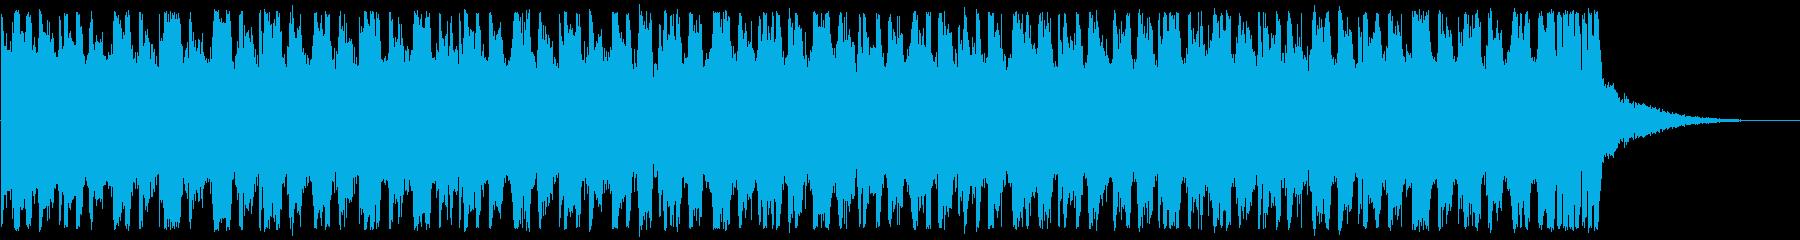 疾走感/情緒的/ハウスロック_474_5の再生済みの波形